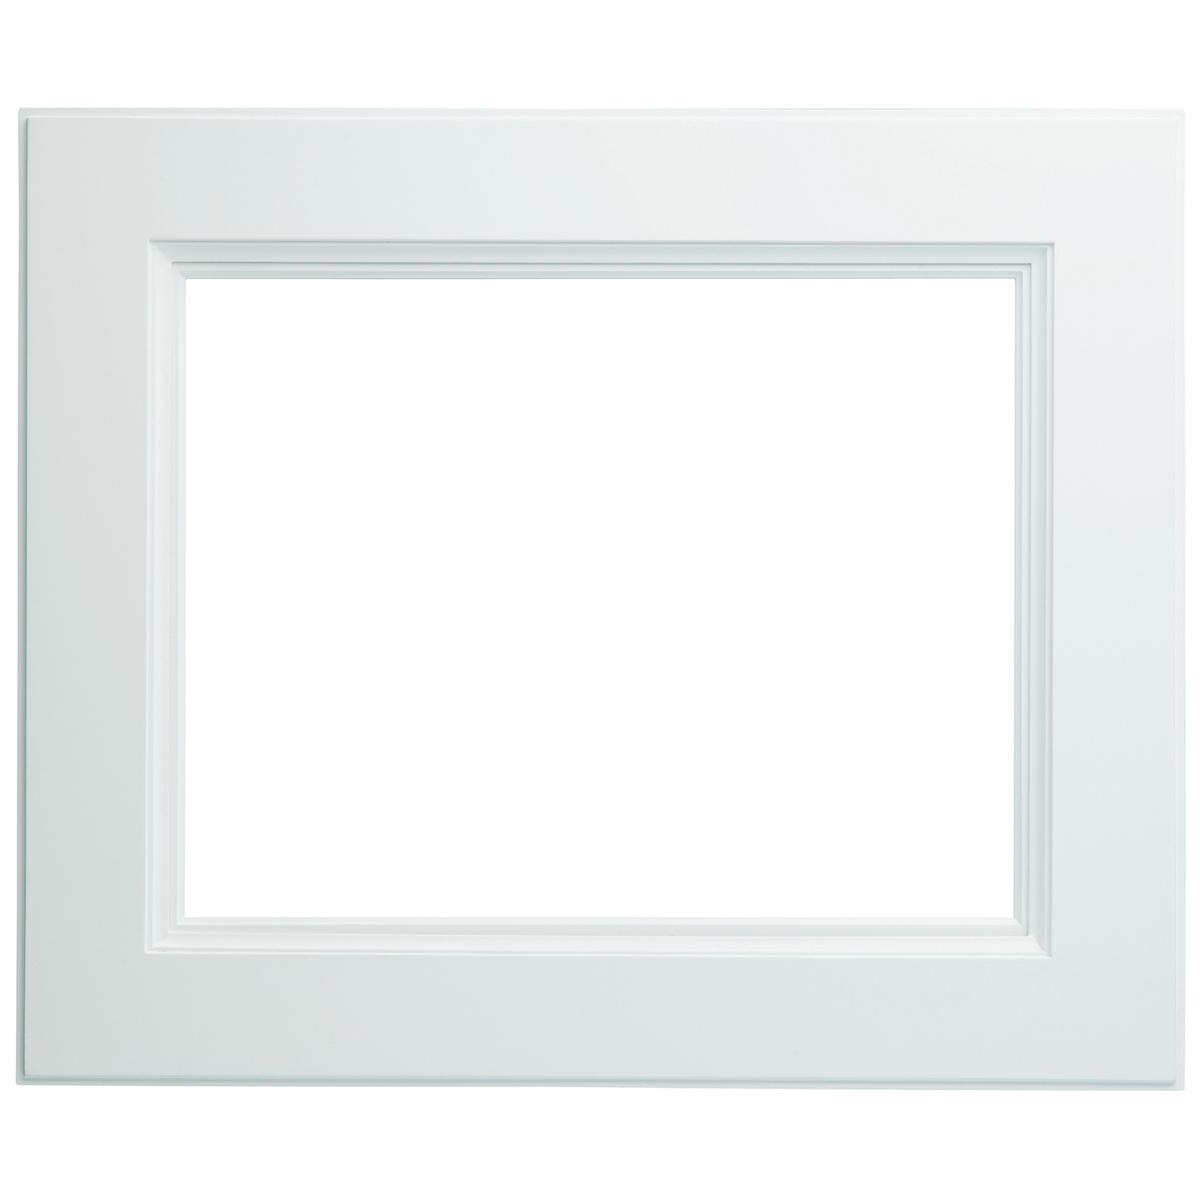 【大型便・時間指定不可】ラーソン・ジュール 油絵用額縁 A263 P30 ホワイト